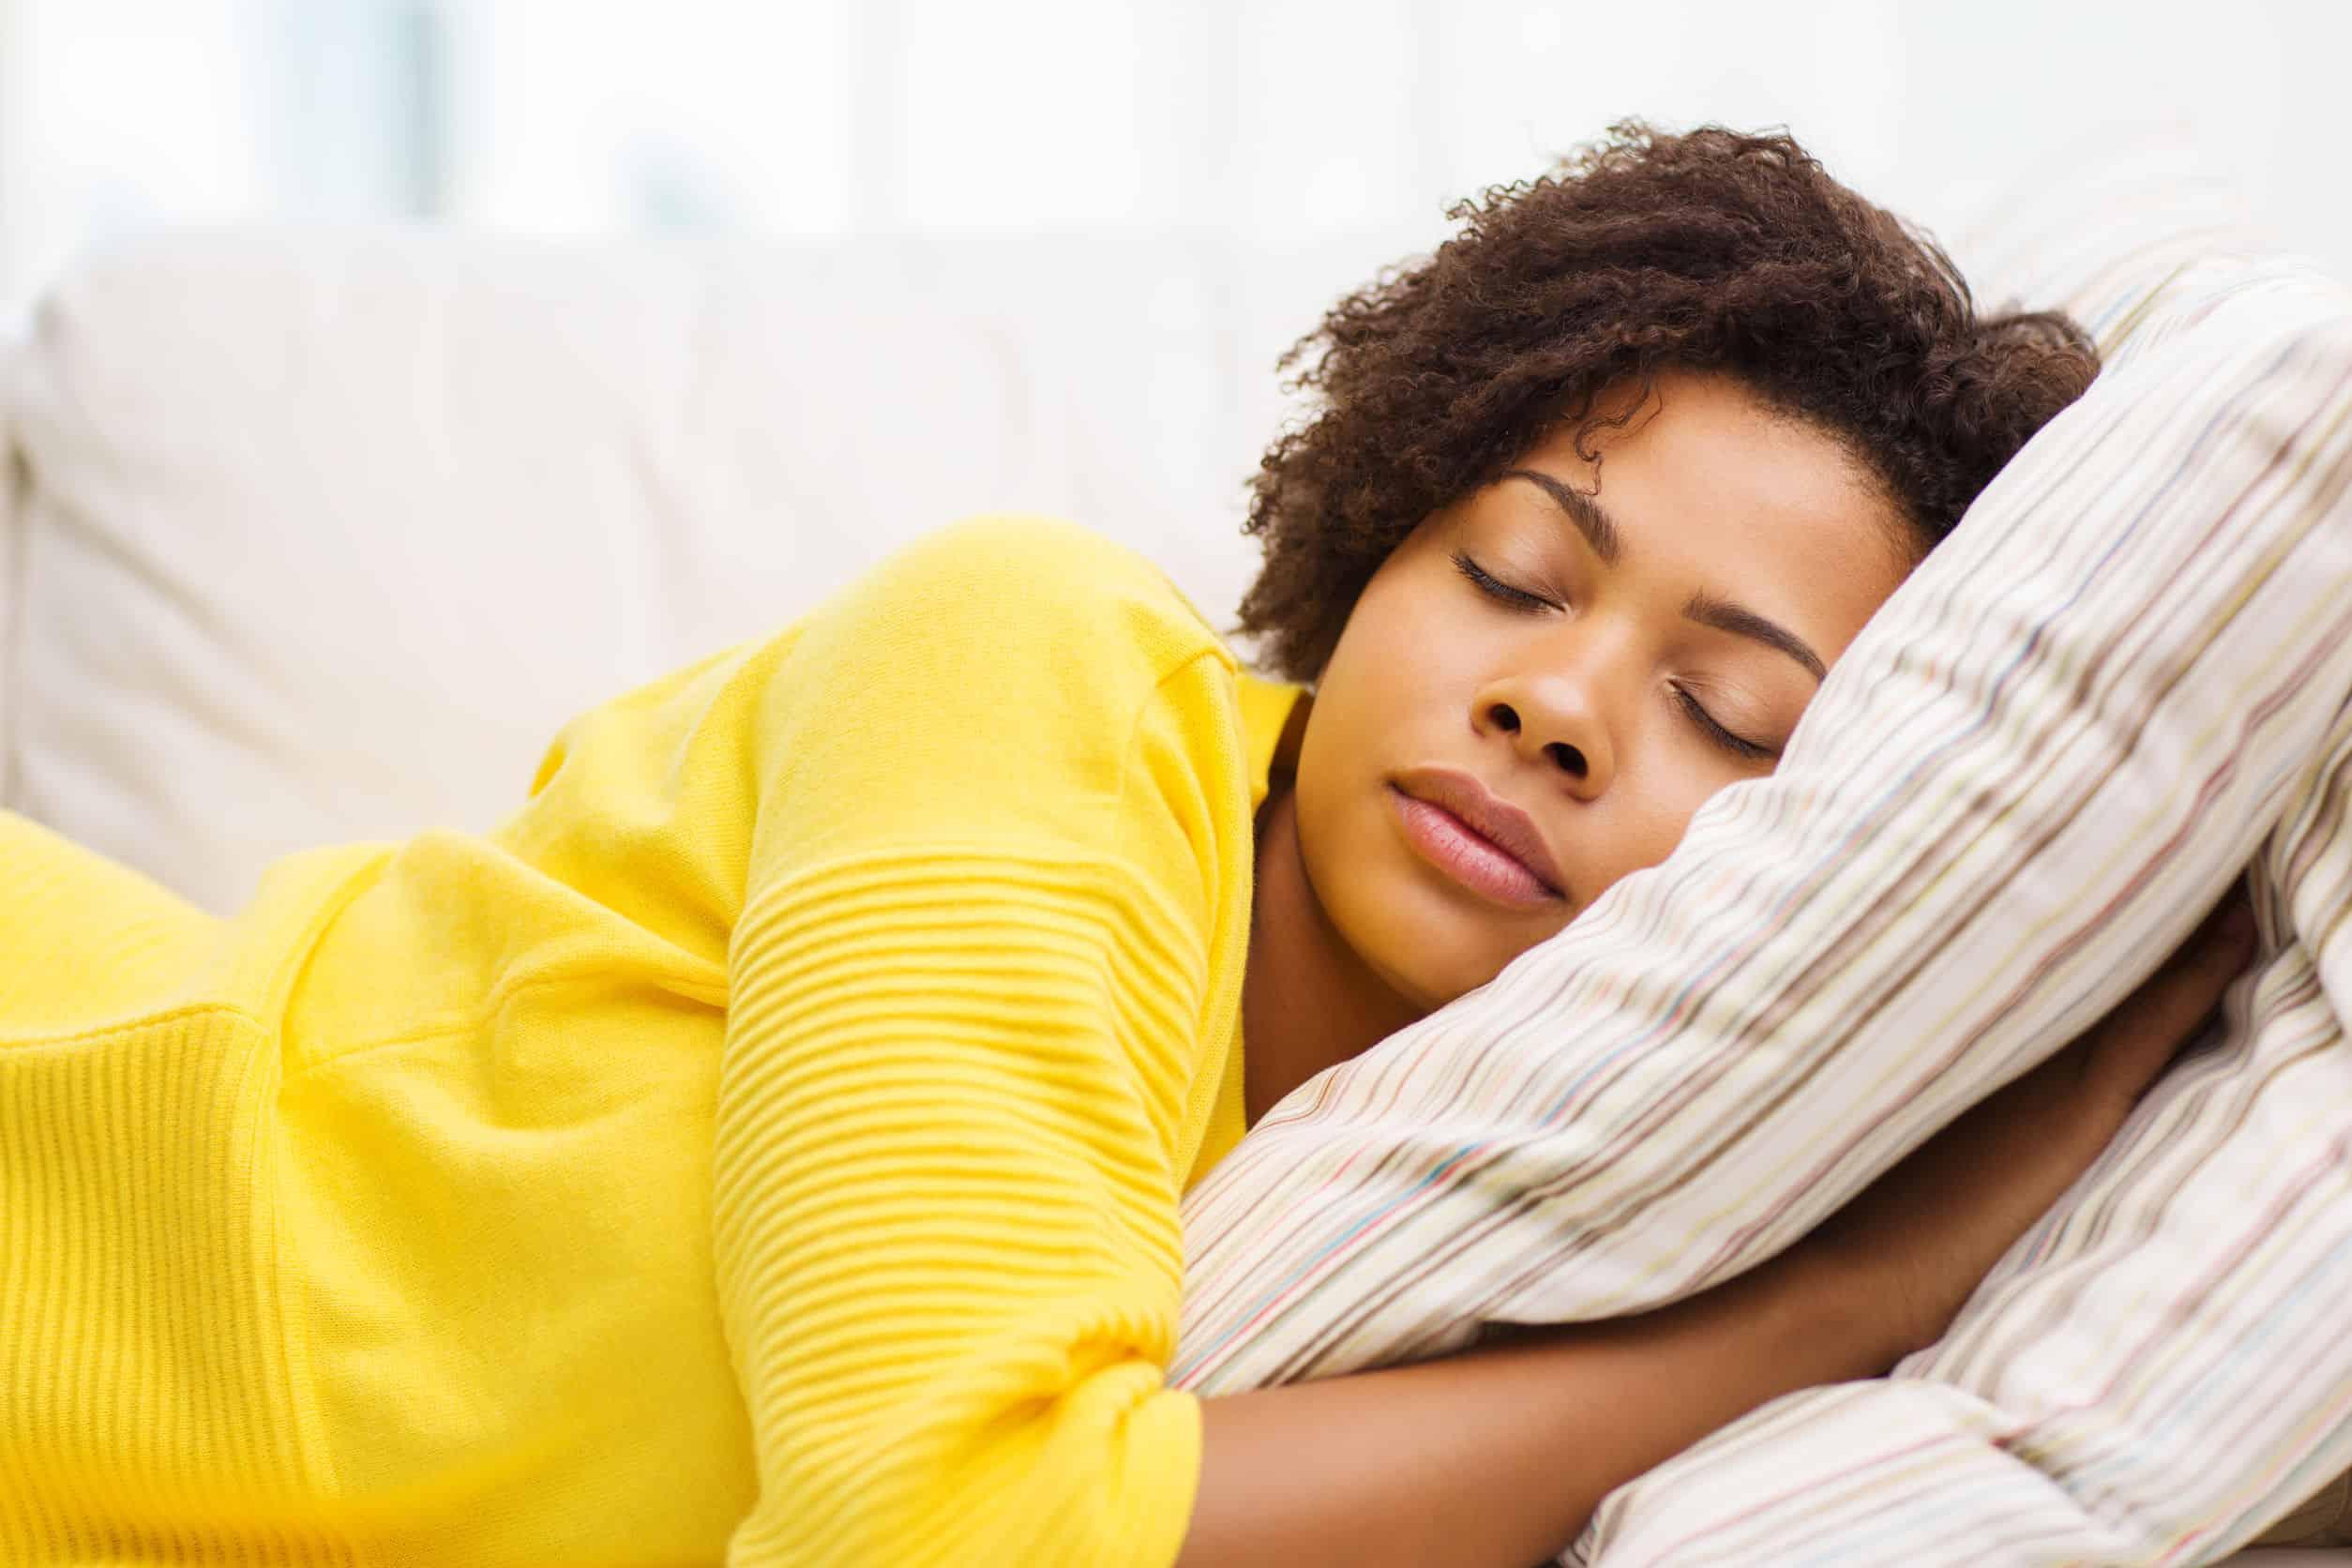 Travesseiro antirrefluxo: Como escolher o melhor em 2020